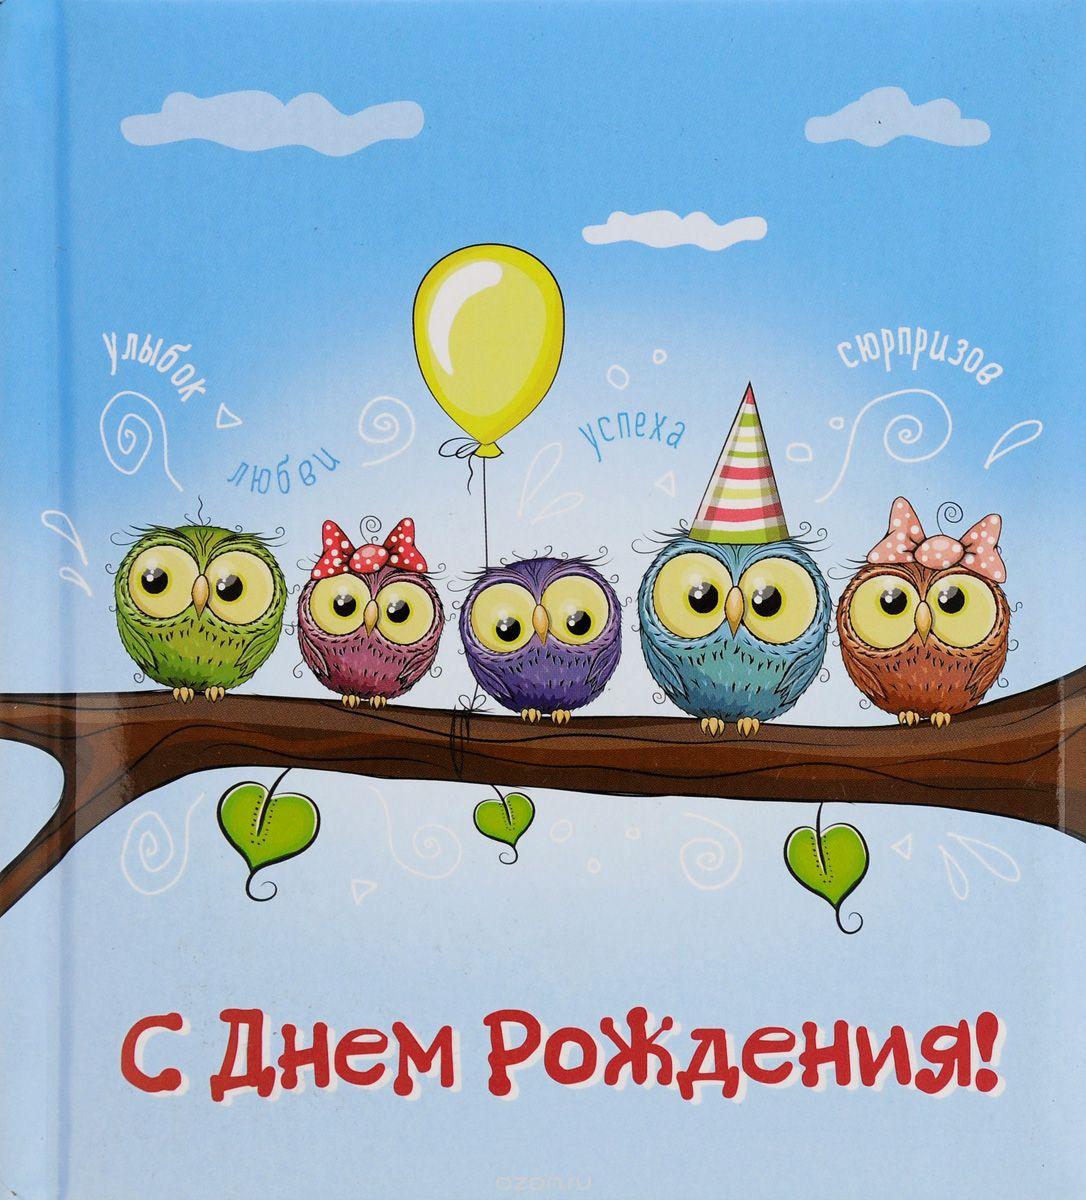 Поздравления на день рождения женщине прикольные картинки 16